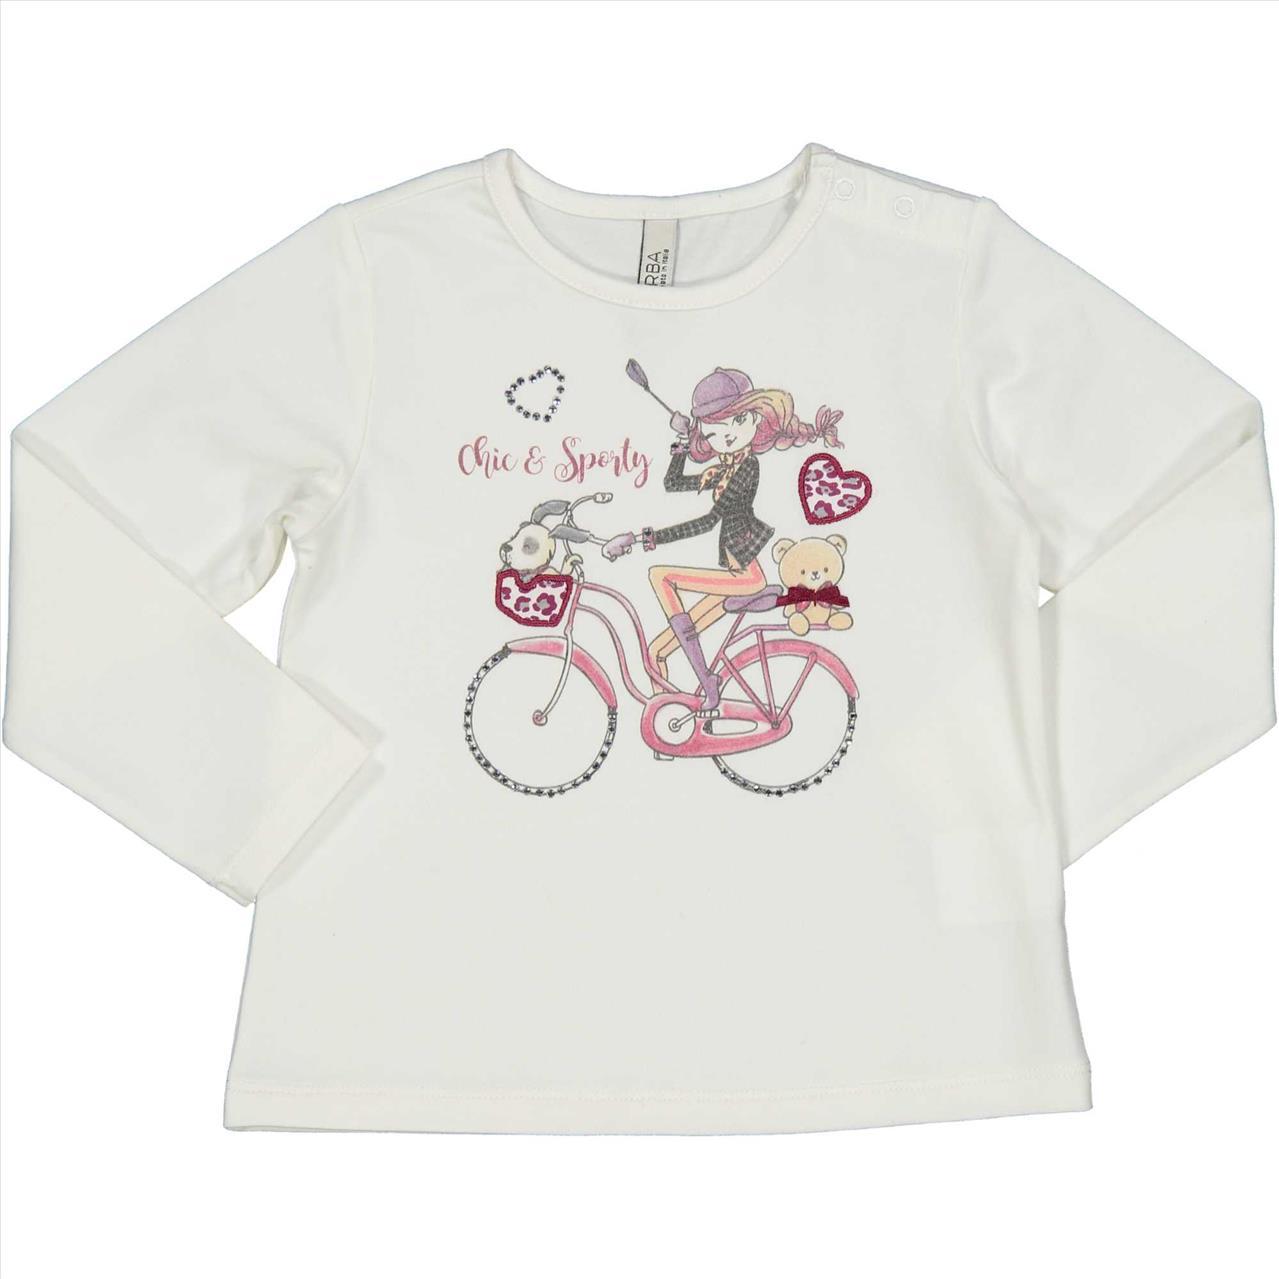 ΜΠΛΟΥΖΑ Μ/Μ BICYCLE BABY GIRL BY BIRBA